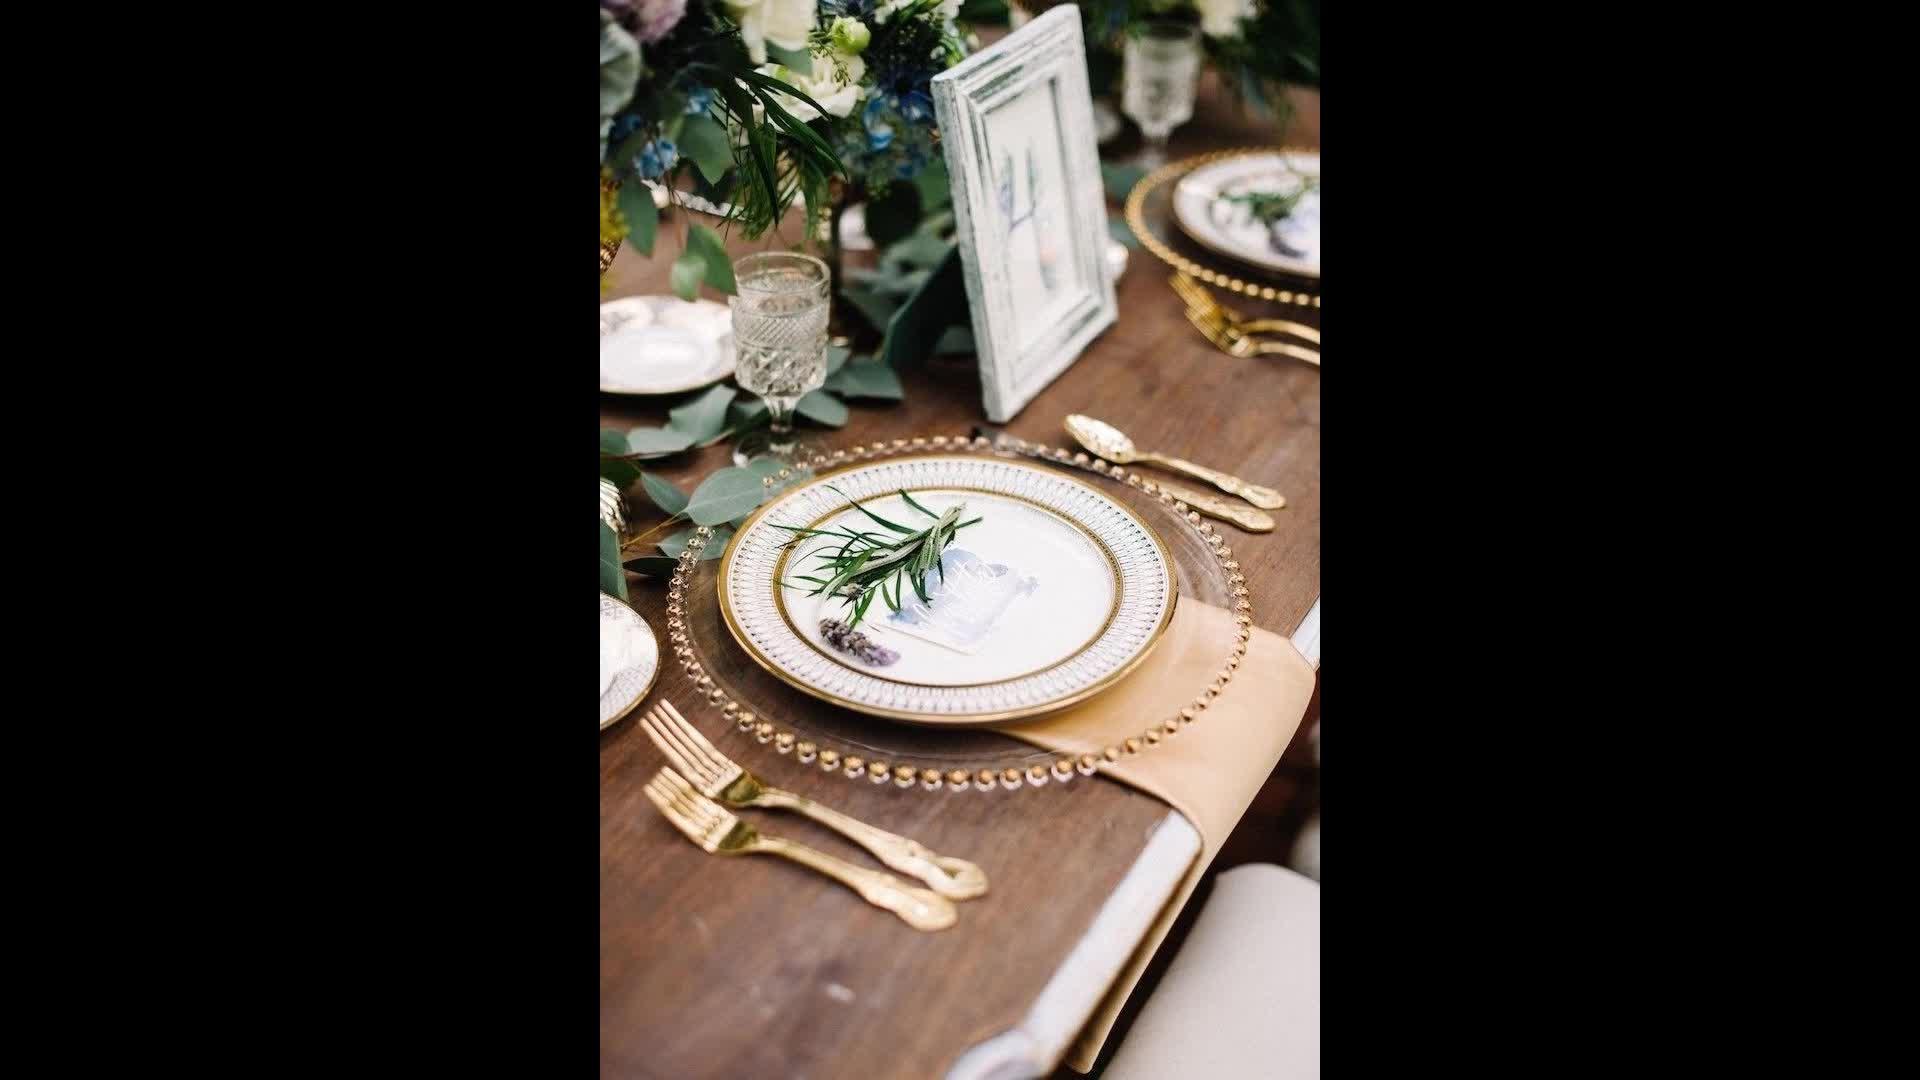 DEACORY Heißer verkauf 13 zoll runde gold silber schwarz umrandeten ladegerät platten für hochzeit party